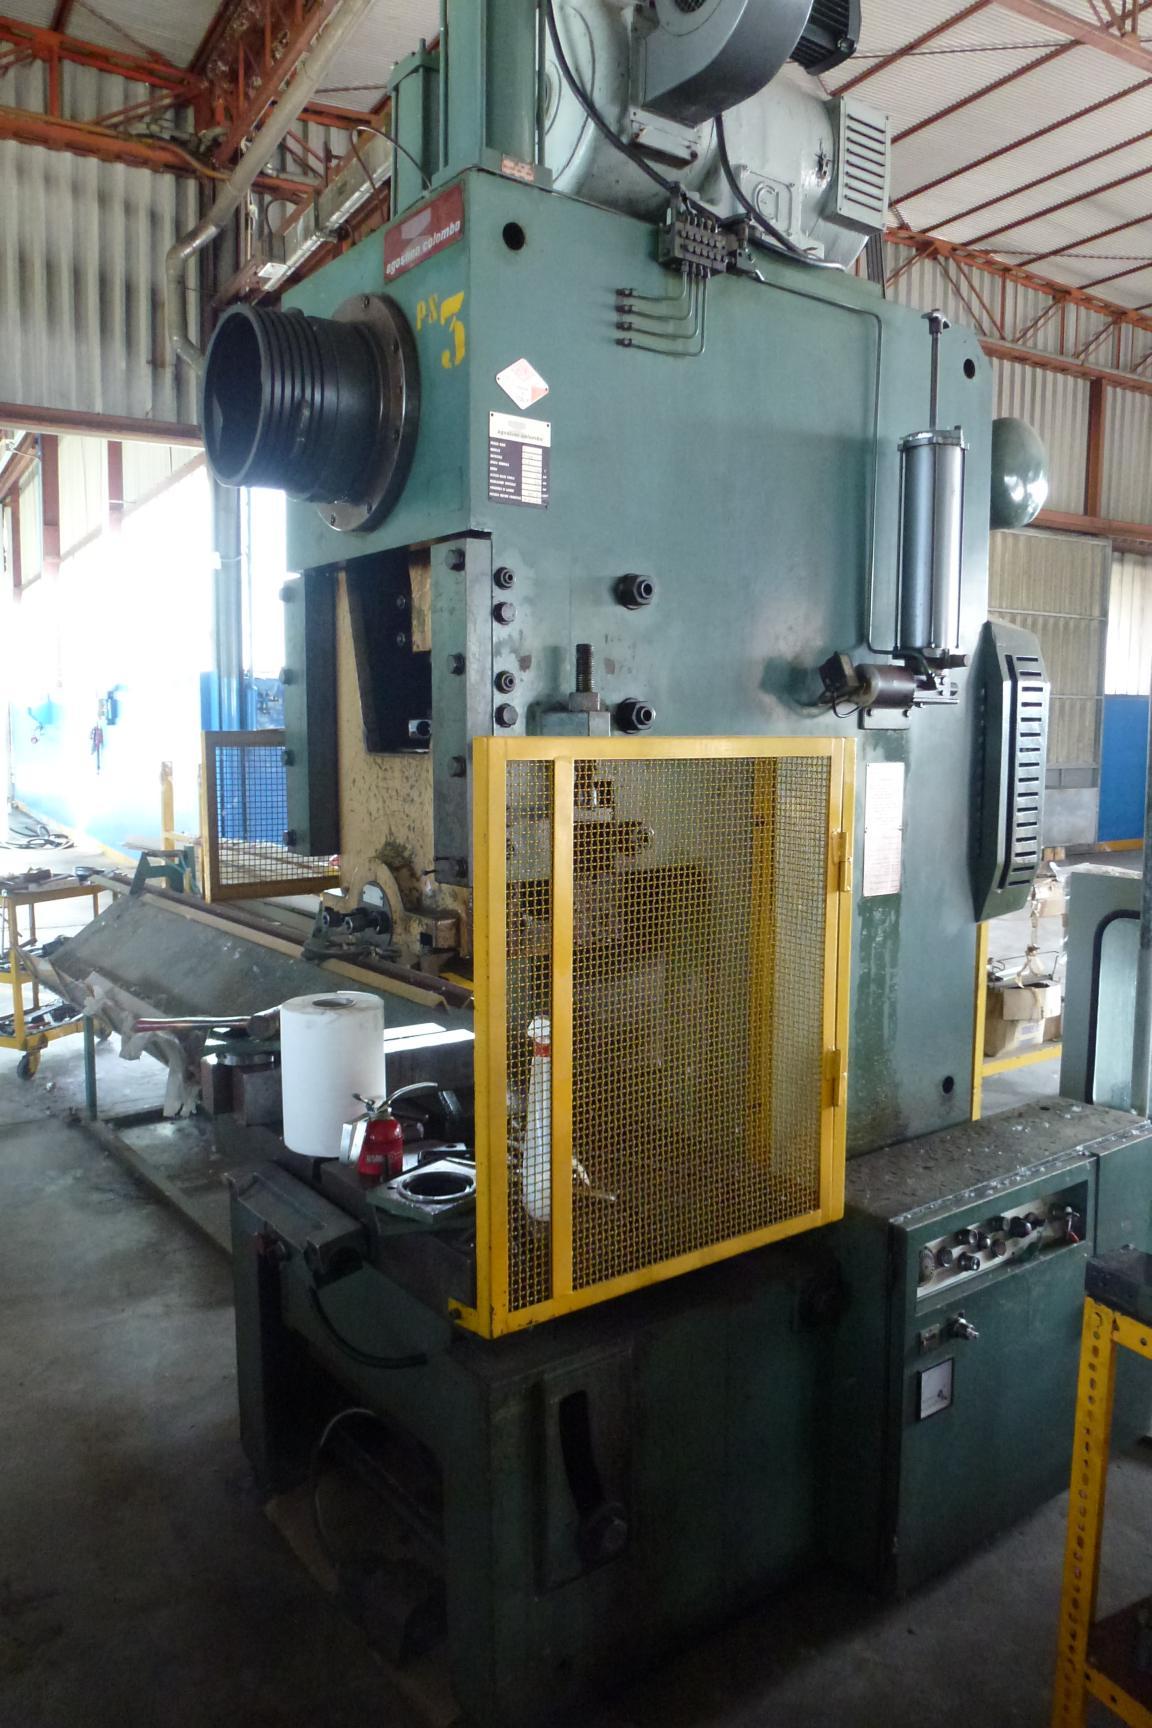 Macchine Utensili Usate Presse Presse Meccaniche Oltre 100